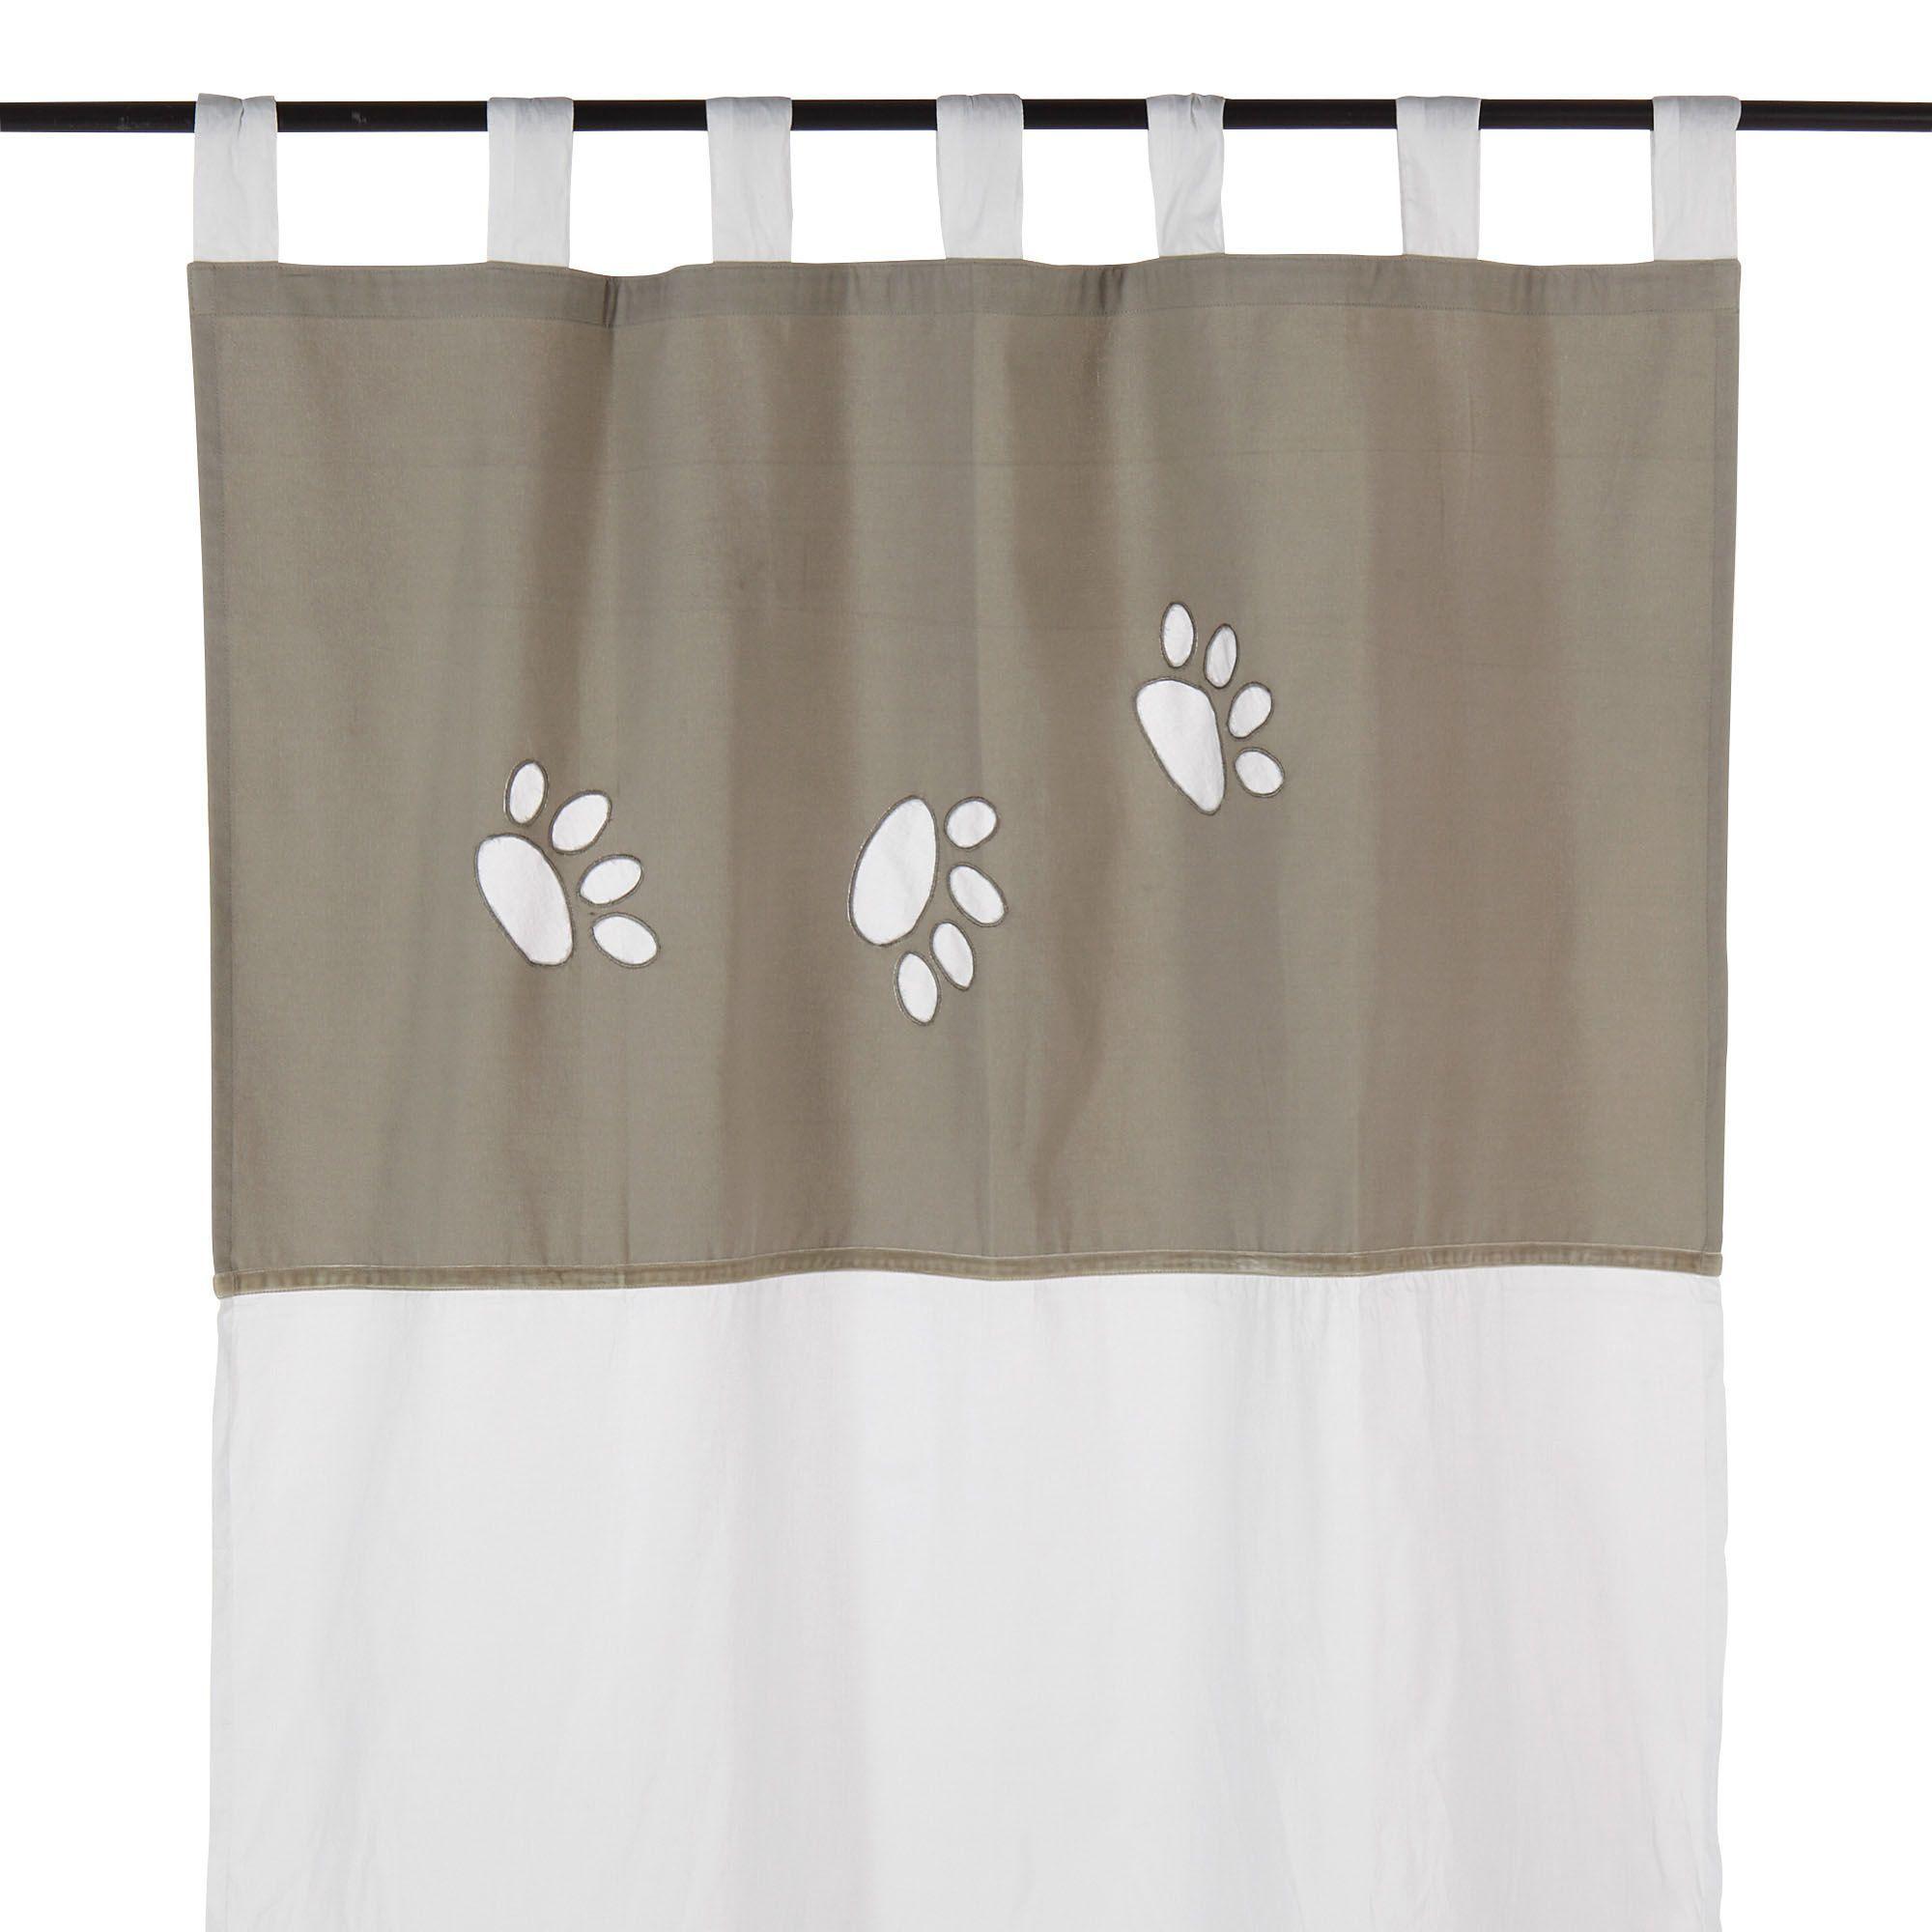 voilage pattes 105x205cm motifs empreintes lin et blanc steps les rideaux et voilages. Black Bedroom Furniture Sets. Home Design Ideas